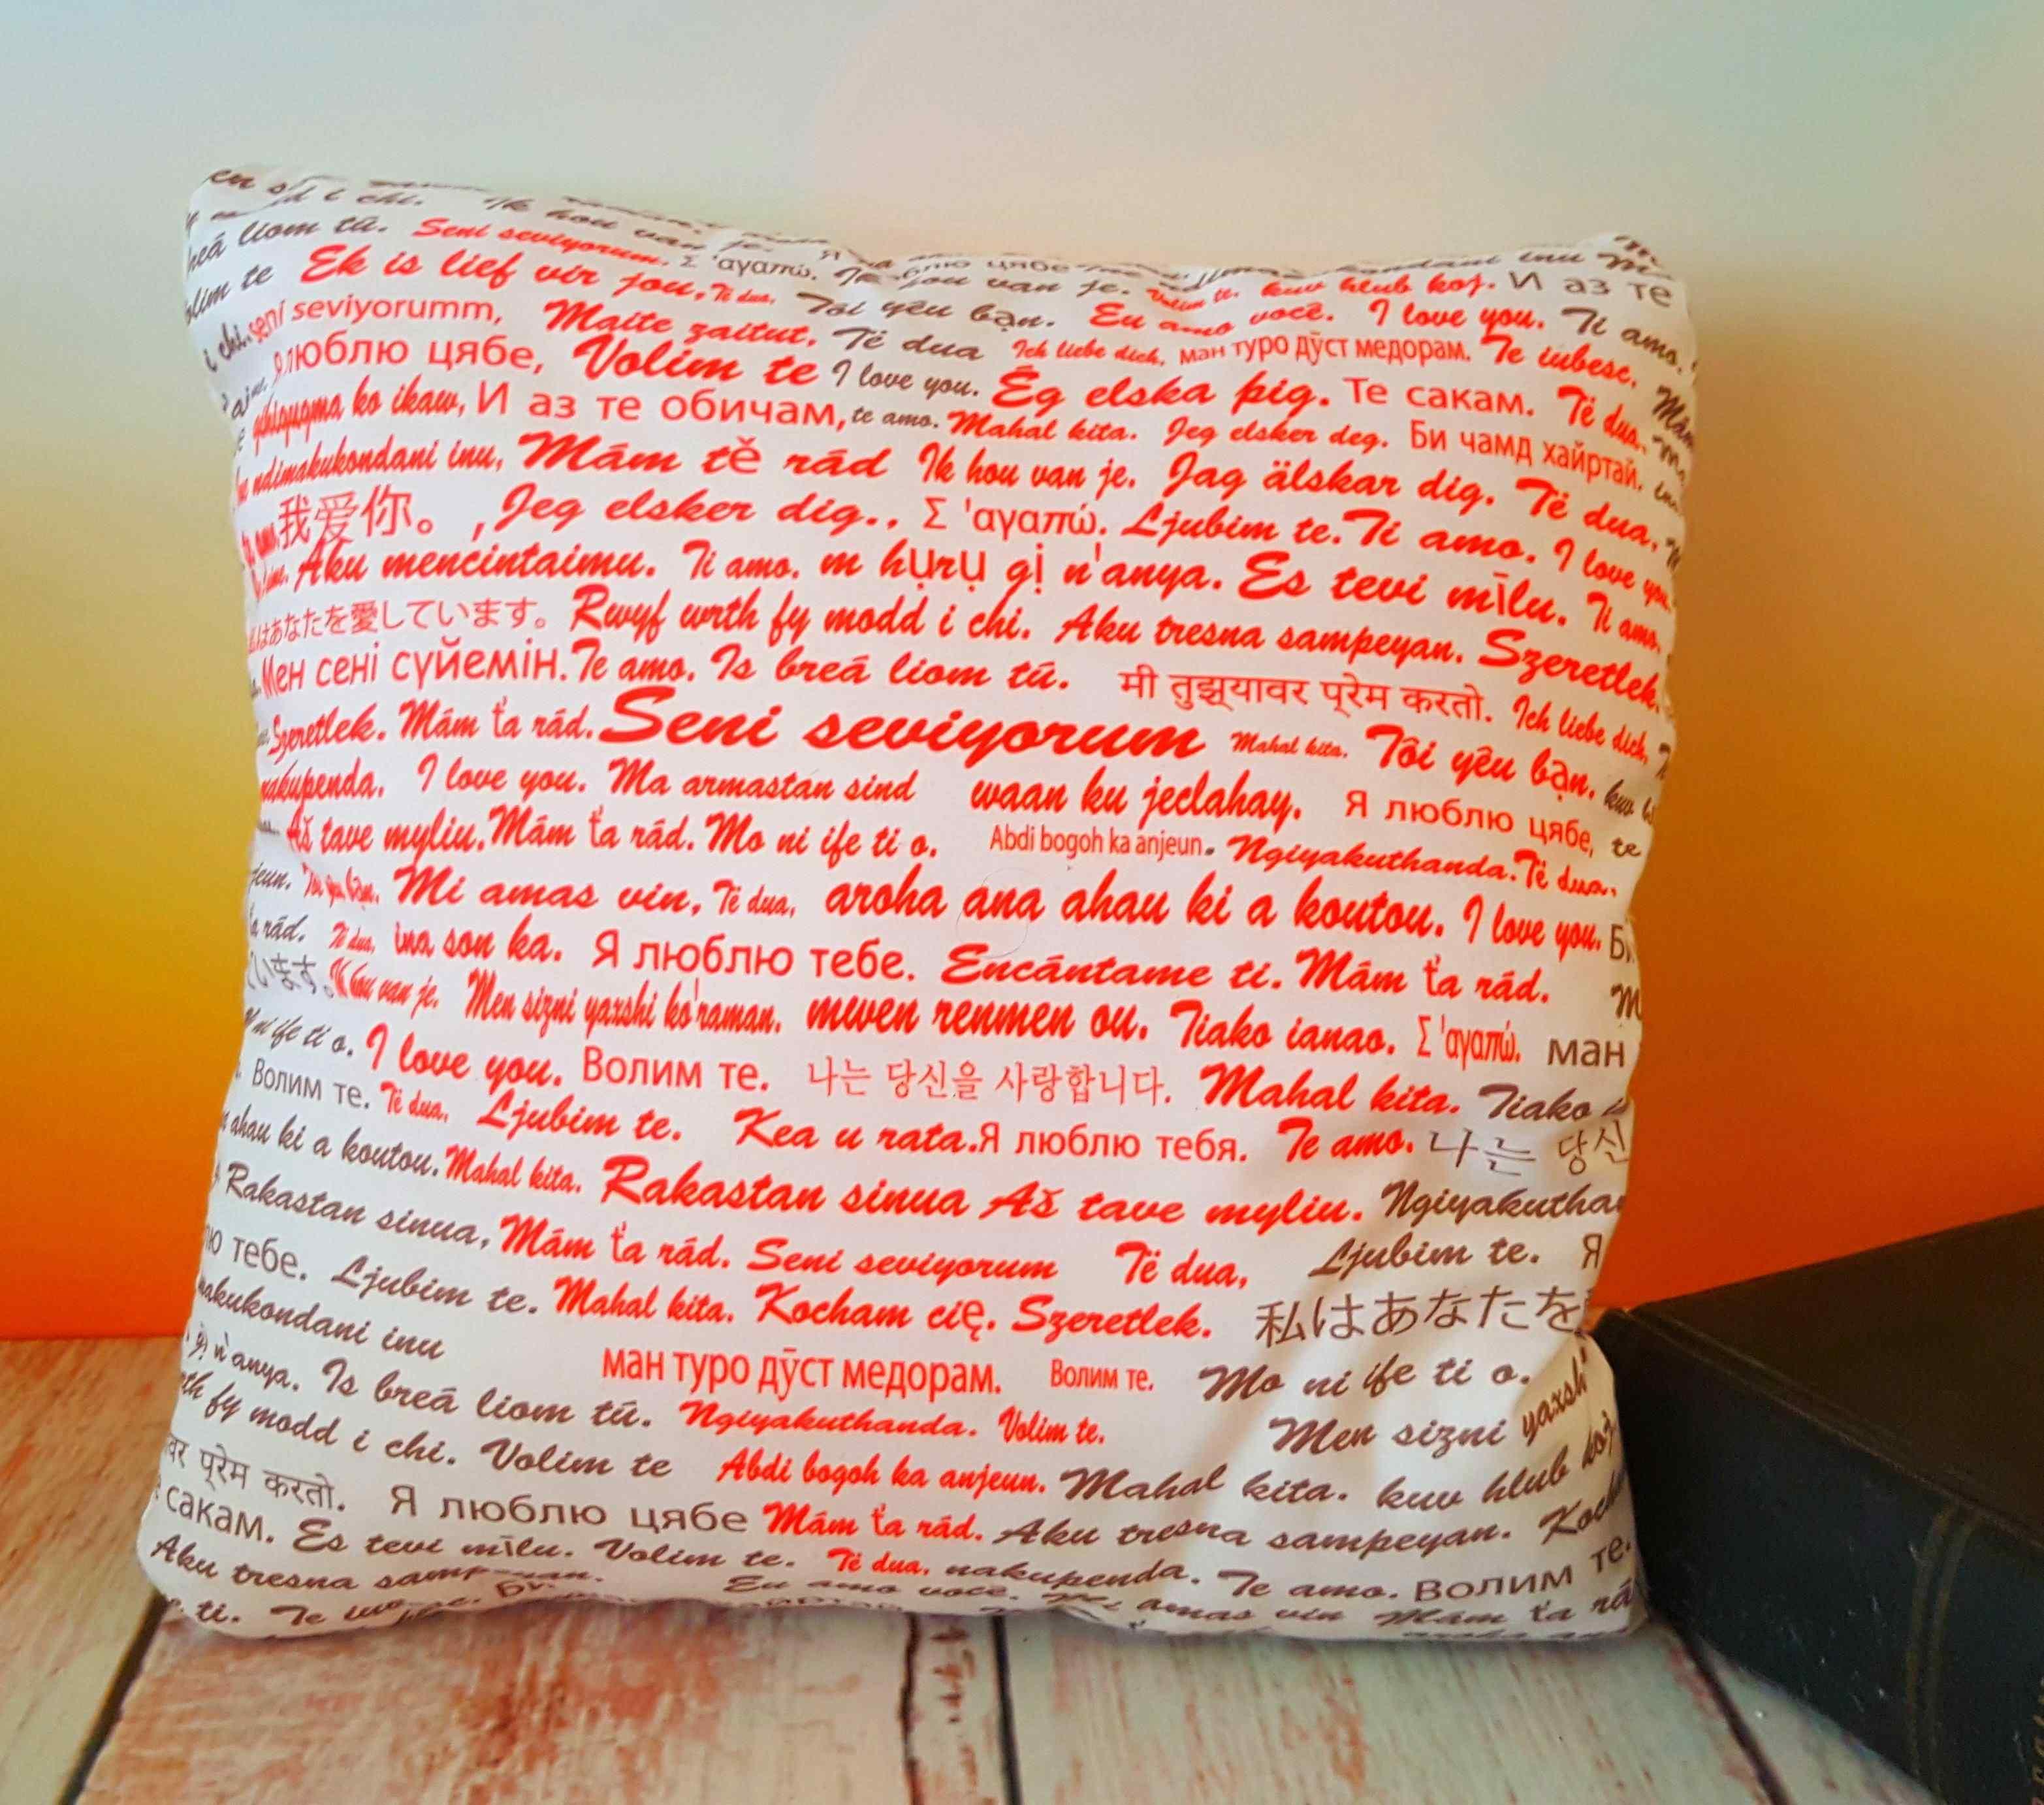 100 Dilde Seni Seviyorum Tasarım Polar Yastık